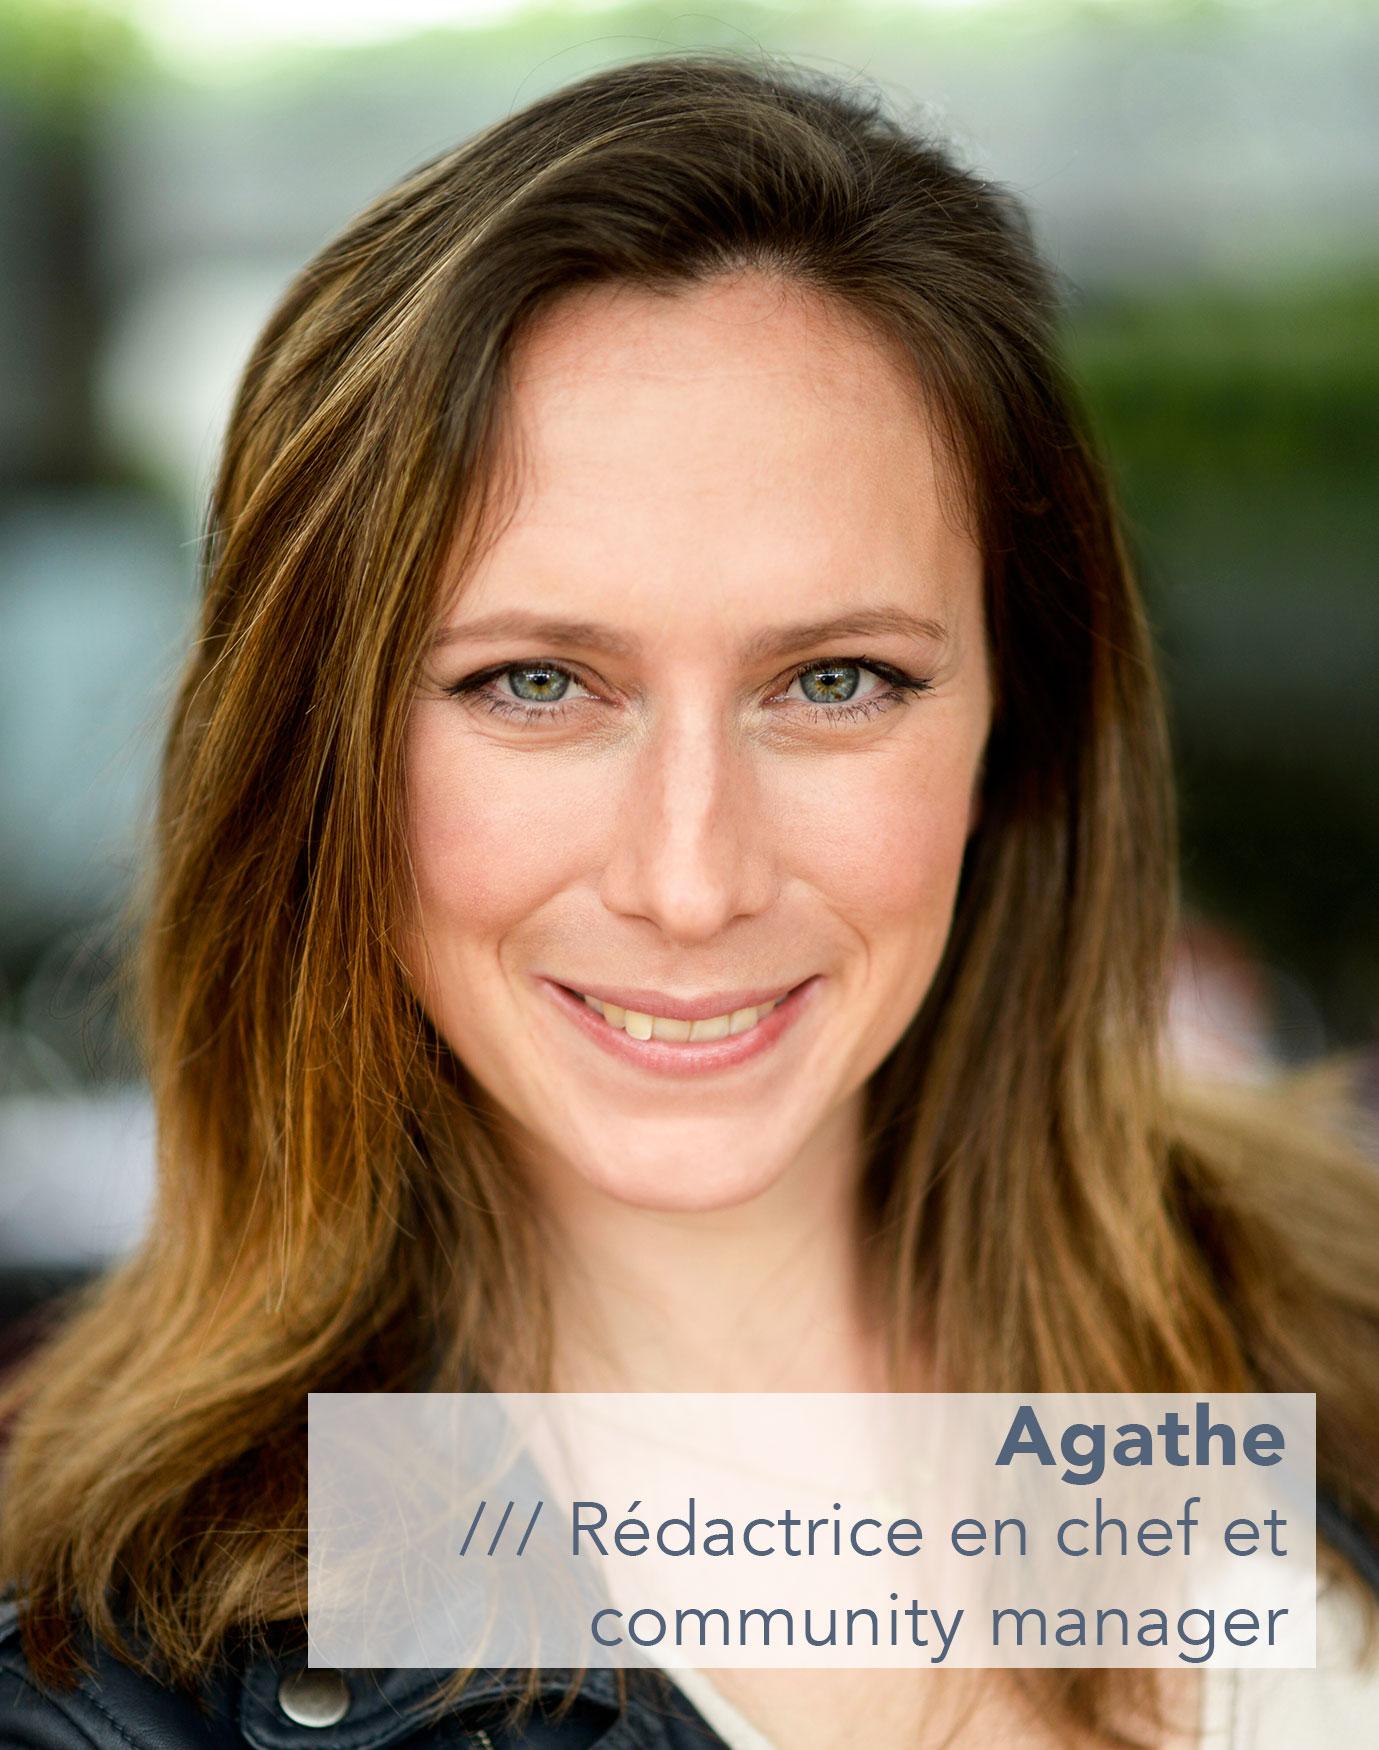 Agathe Rédactrice en chef et community manager